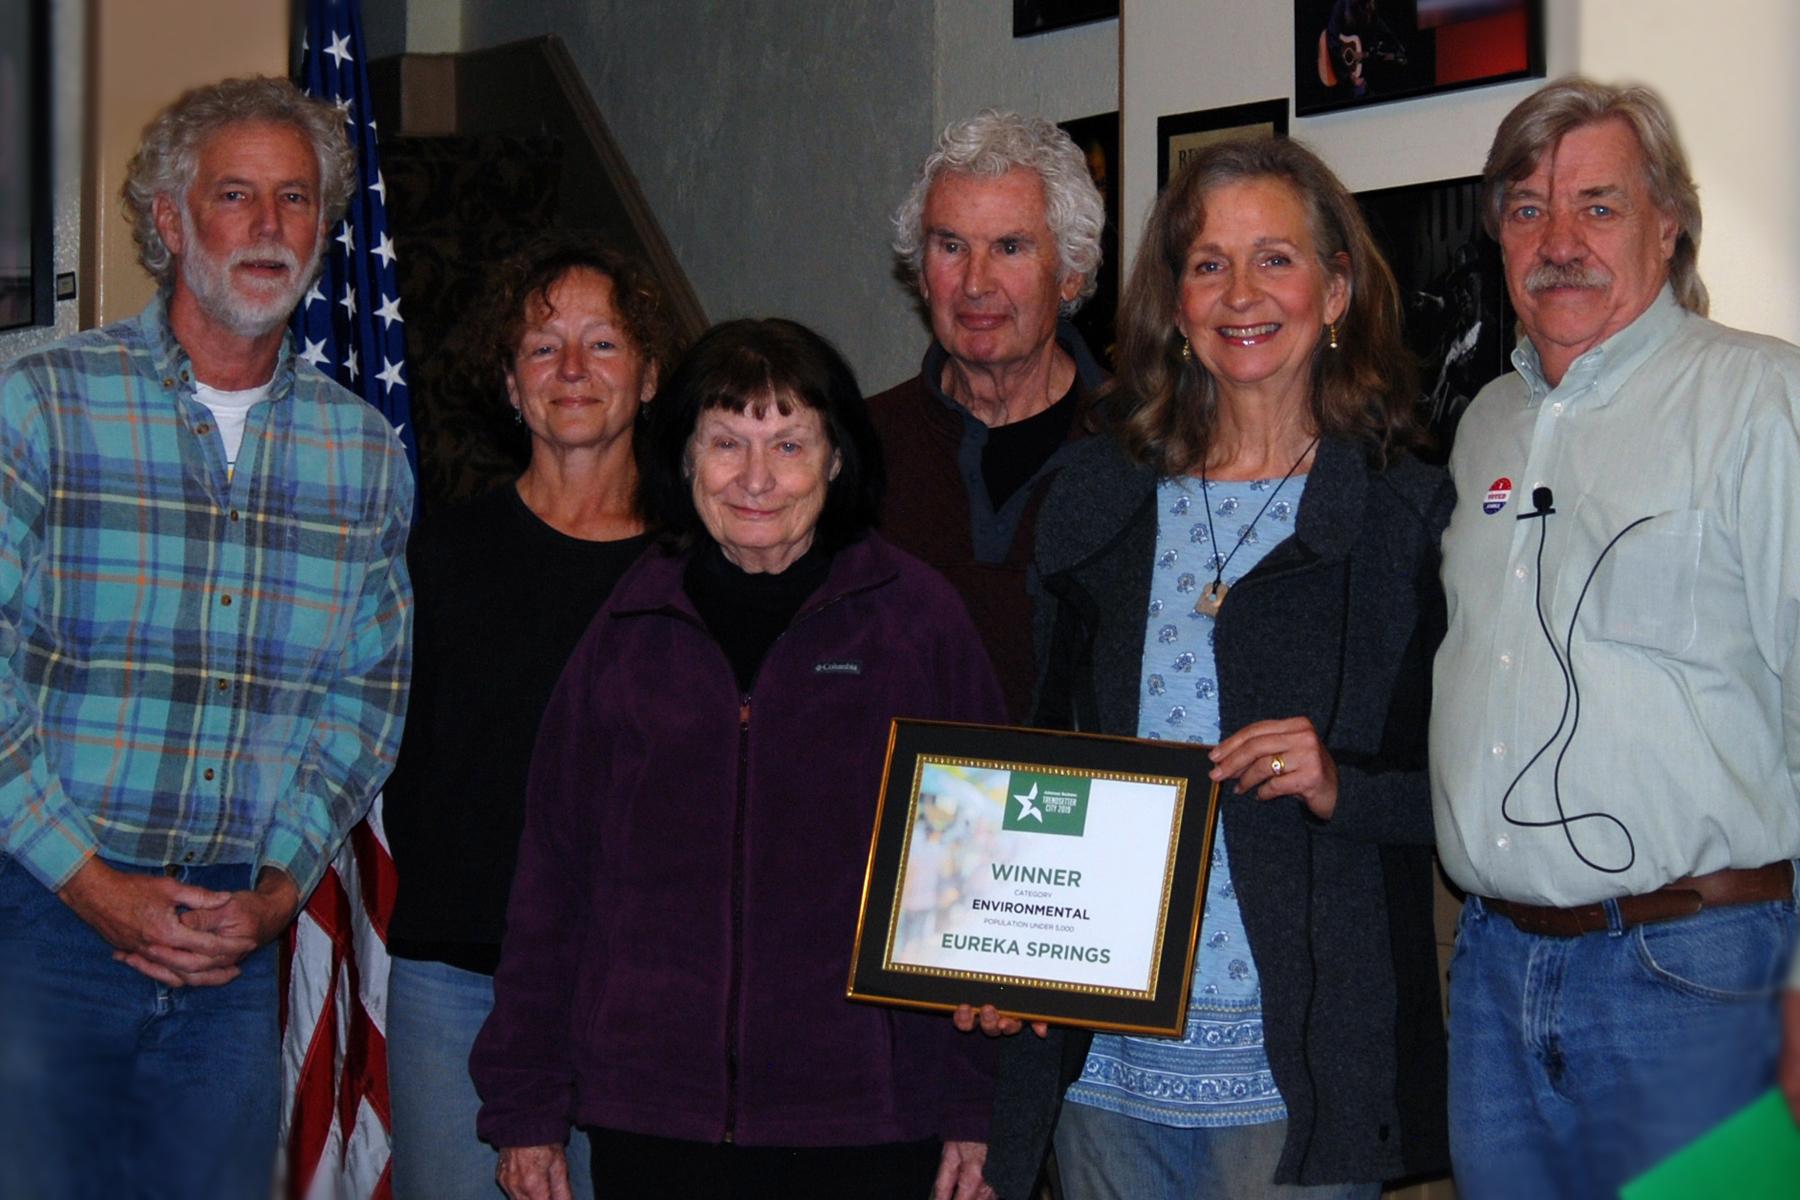 Eureka Springs Awards